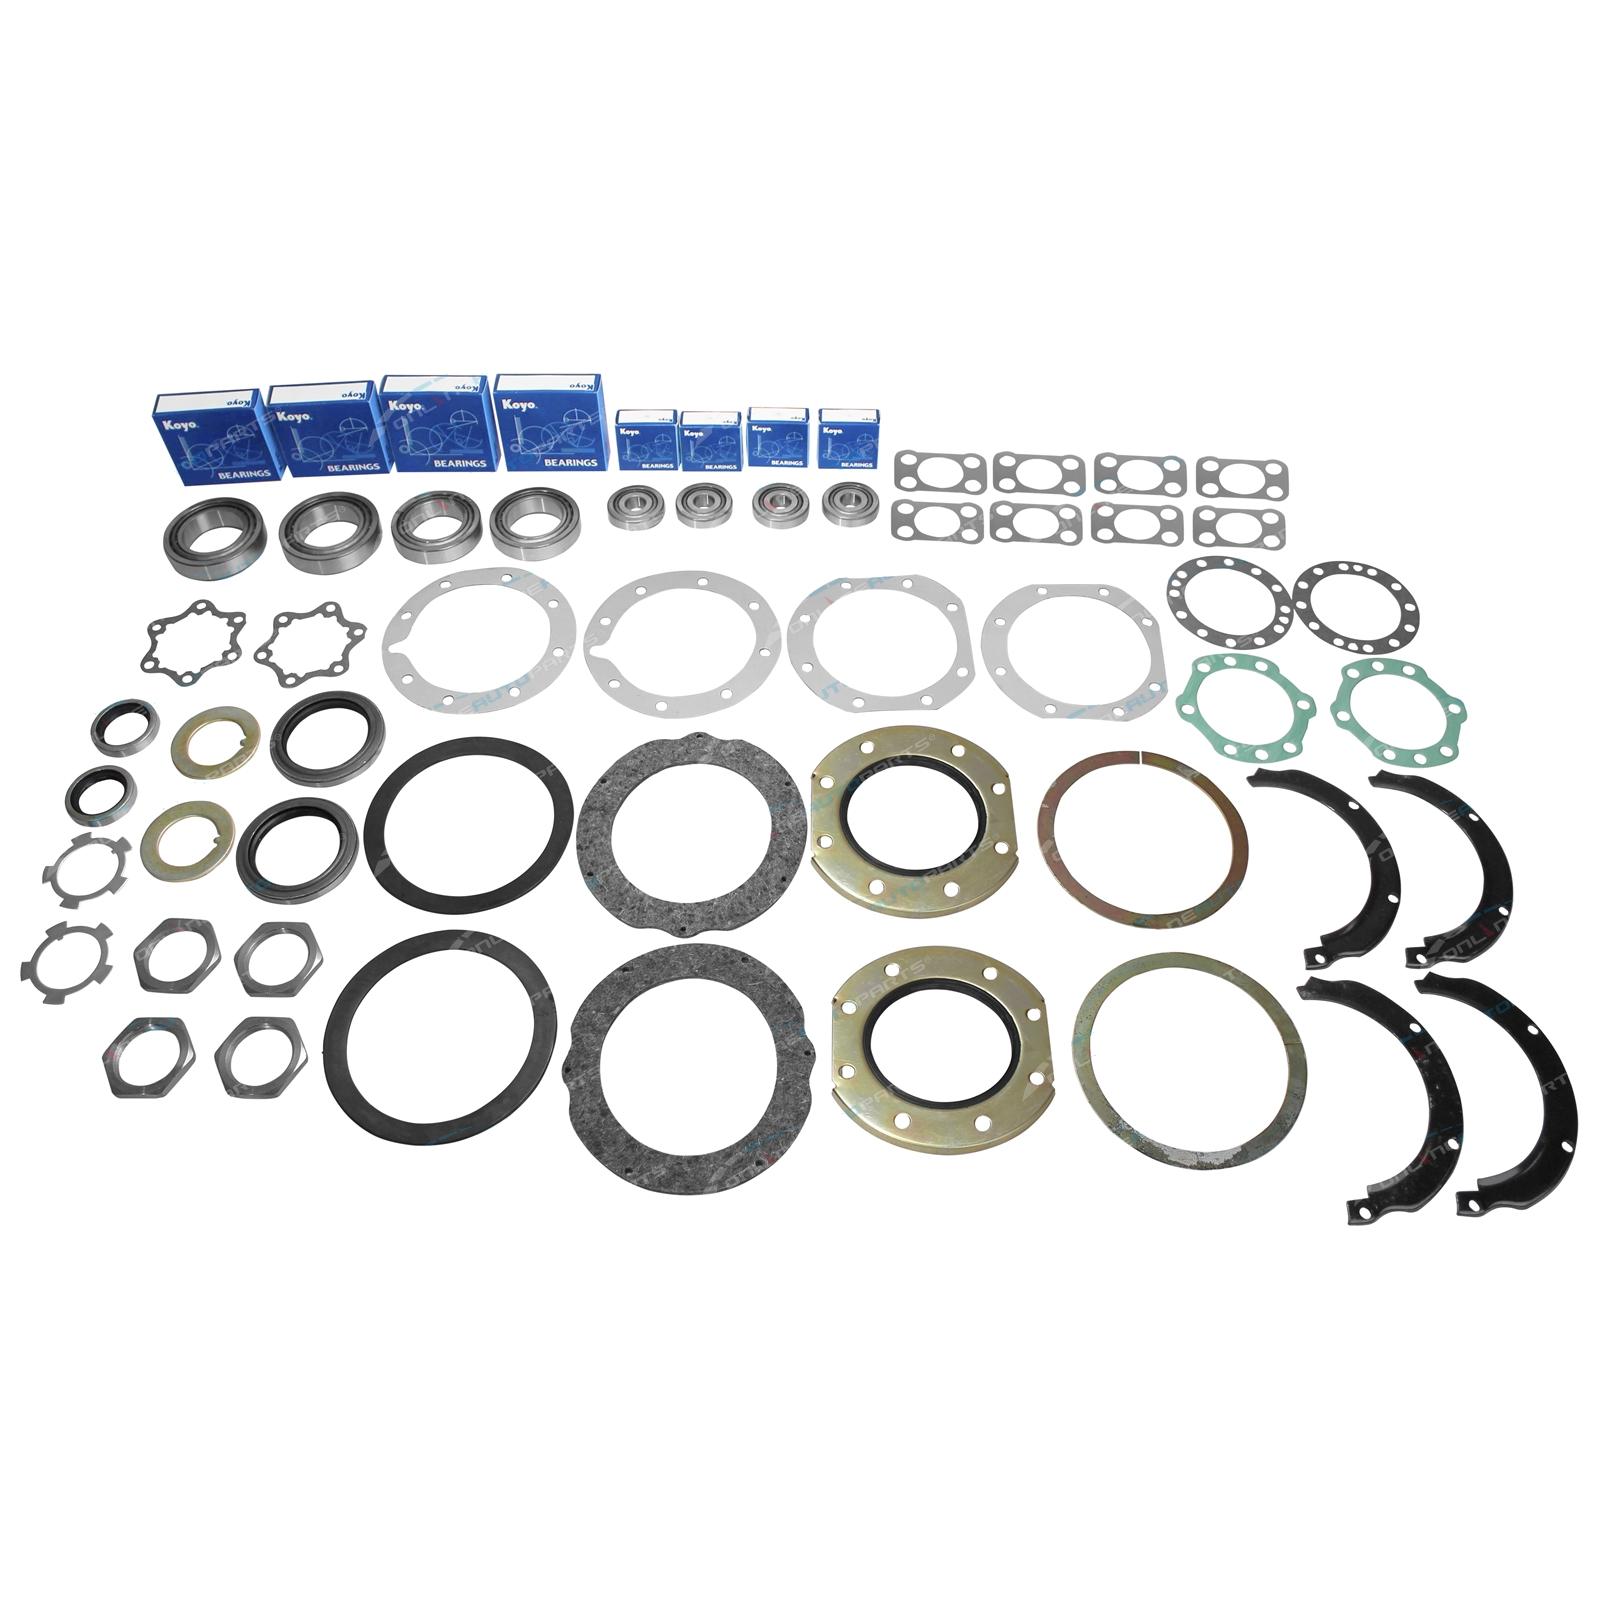 Swivel Hub Bearing Seal Kit suits Toyota Landcruiser 70 75 Series 1990 to 1999 With Wheel Bearings